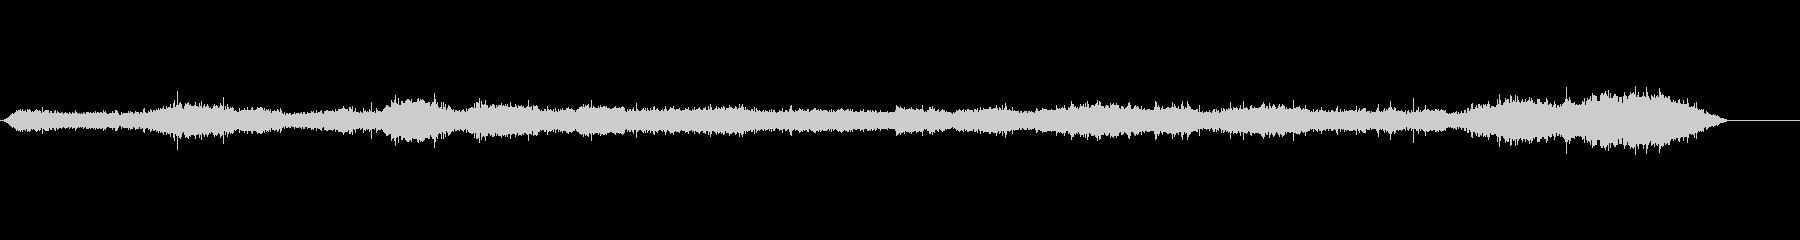 Waves-Medium-ロックについての未再生の波形